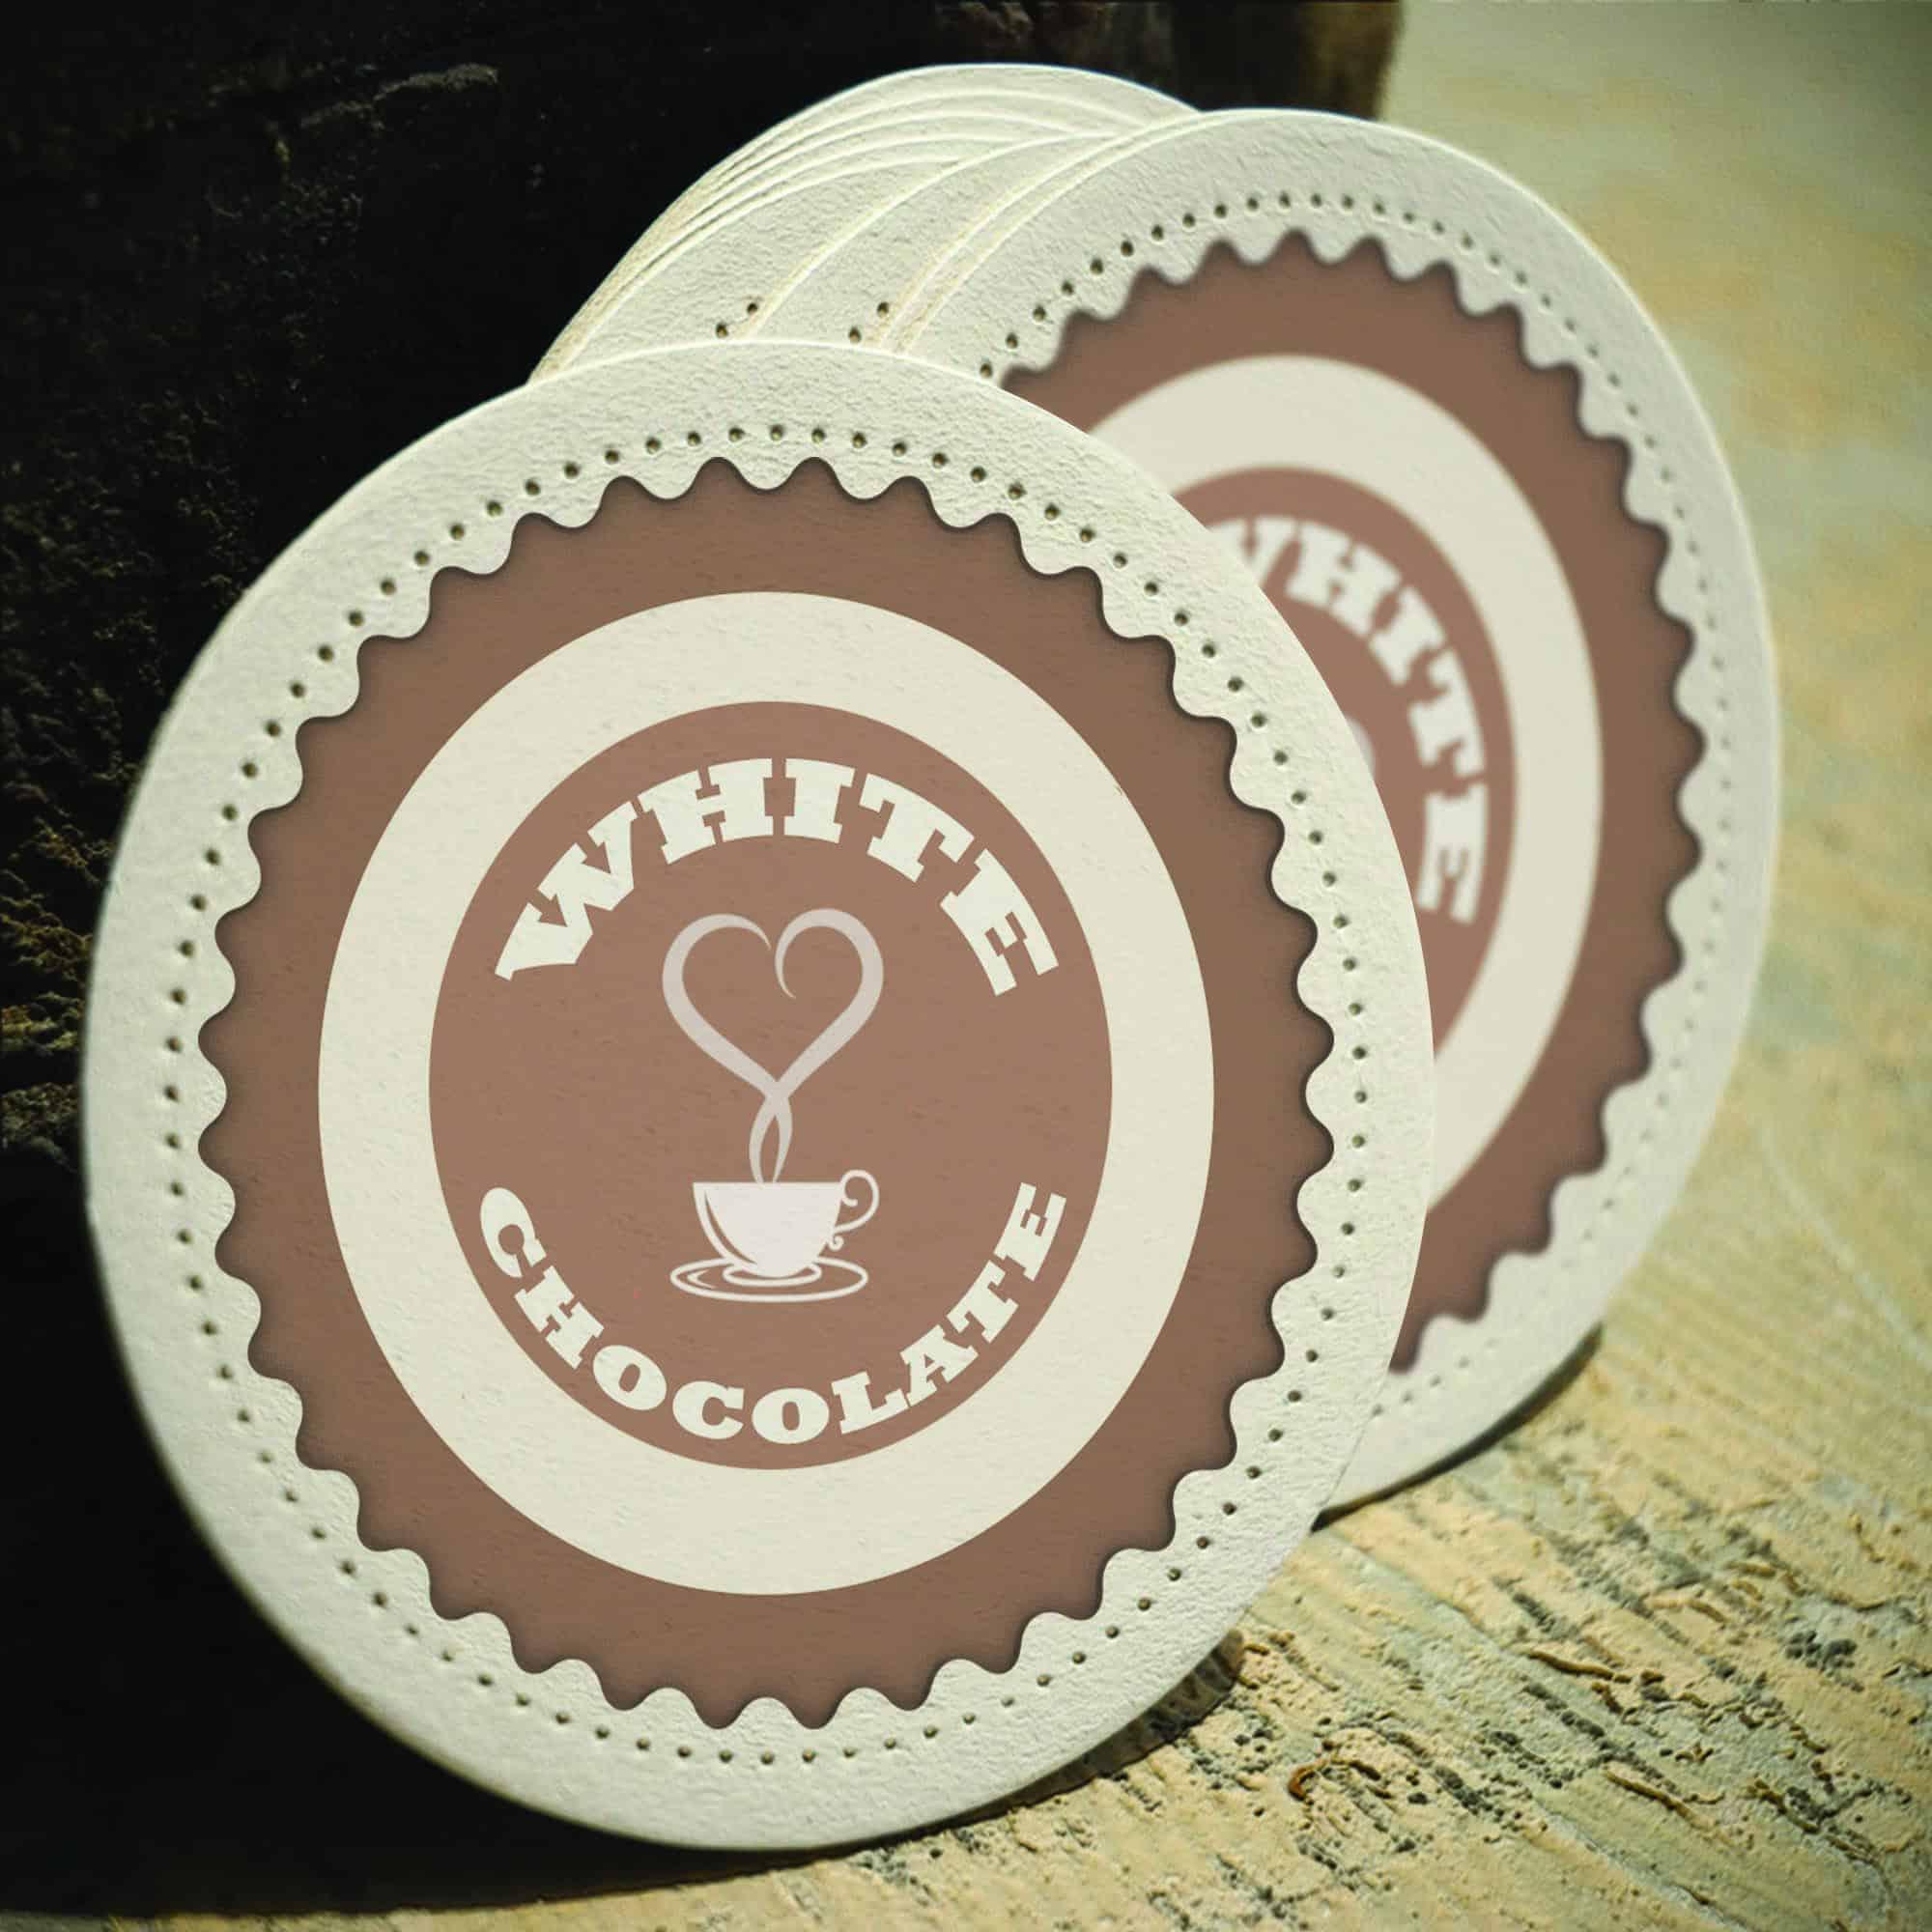 Romantikus kávéháznak készített logó